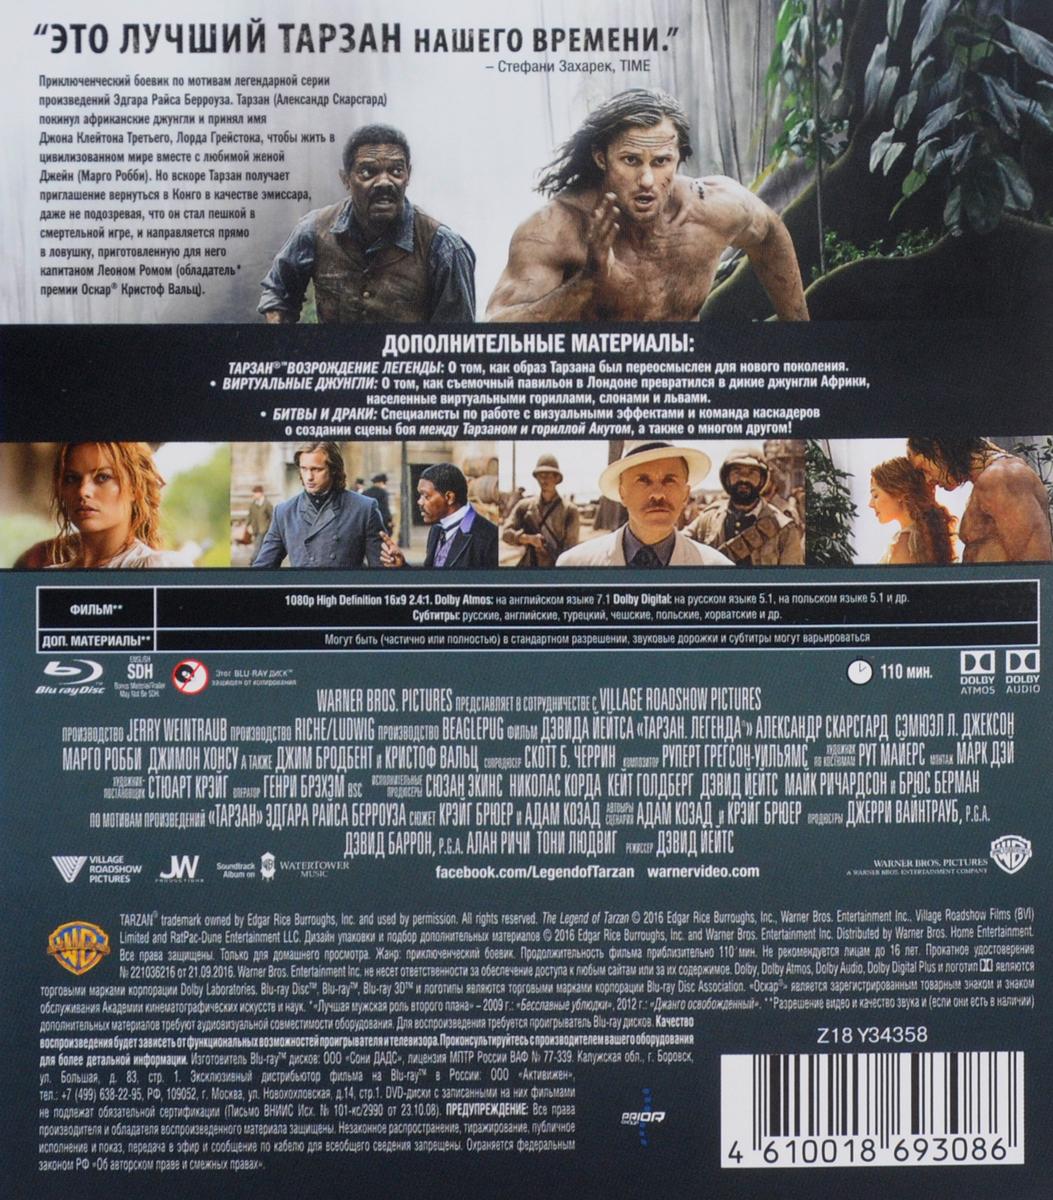 Тарзан:  Легенда (Blu-ray) Warner Bros. Pictures Inc